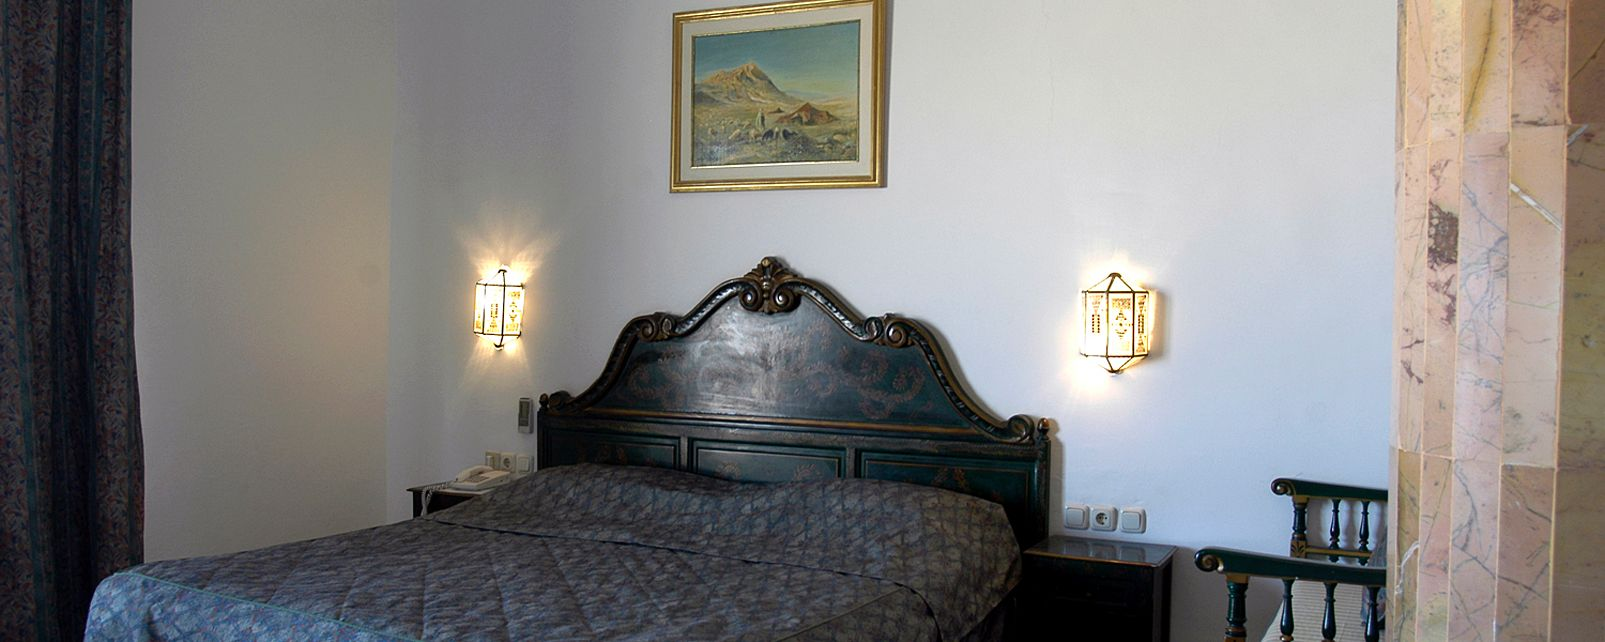 Hôtel Ksar Djerid